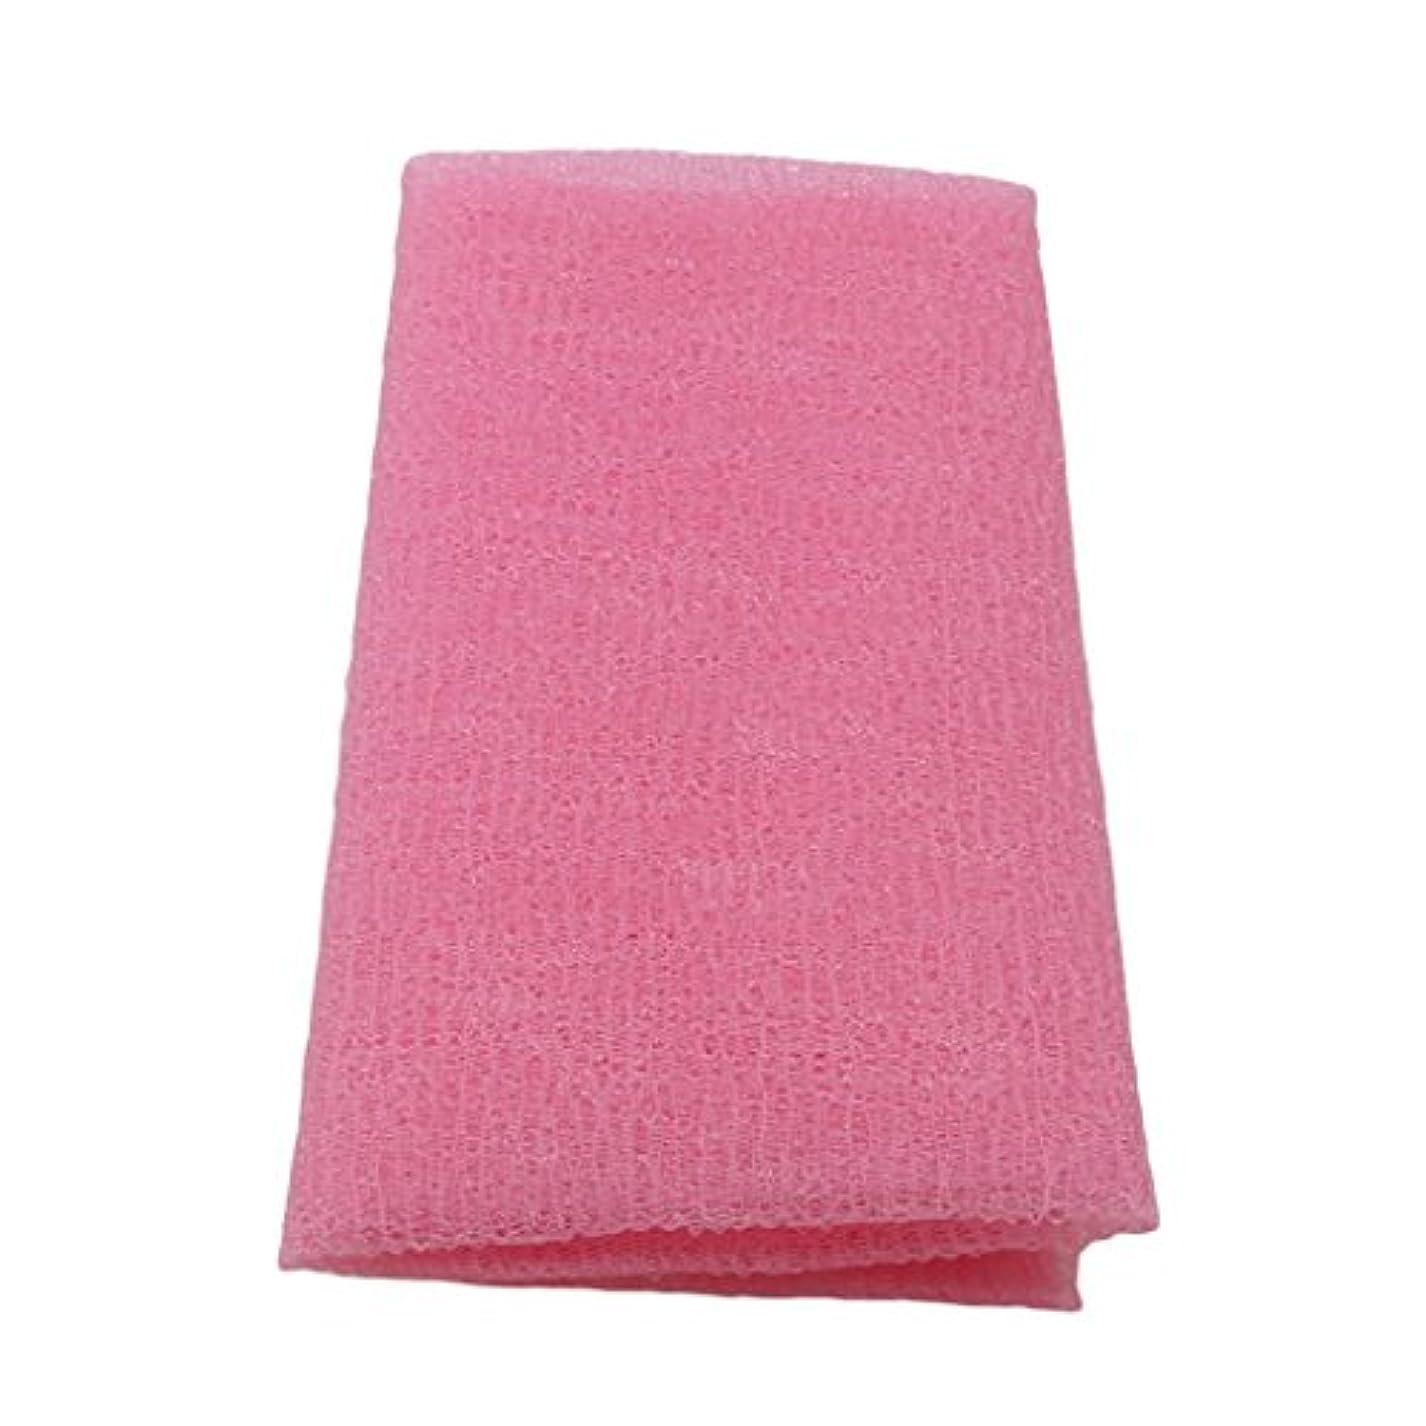 乱すジュース興奮するMARUIKAO ボディタオル 泡しゃり ナイロン ロング 固め ピンク